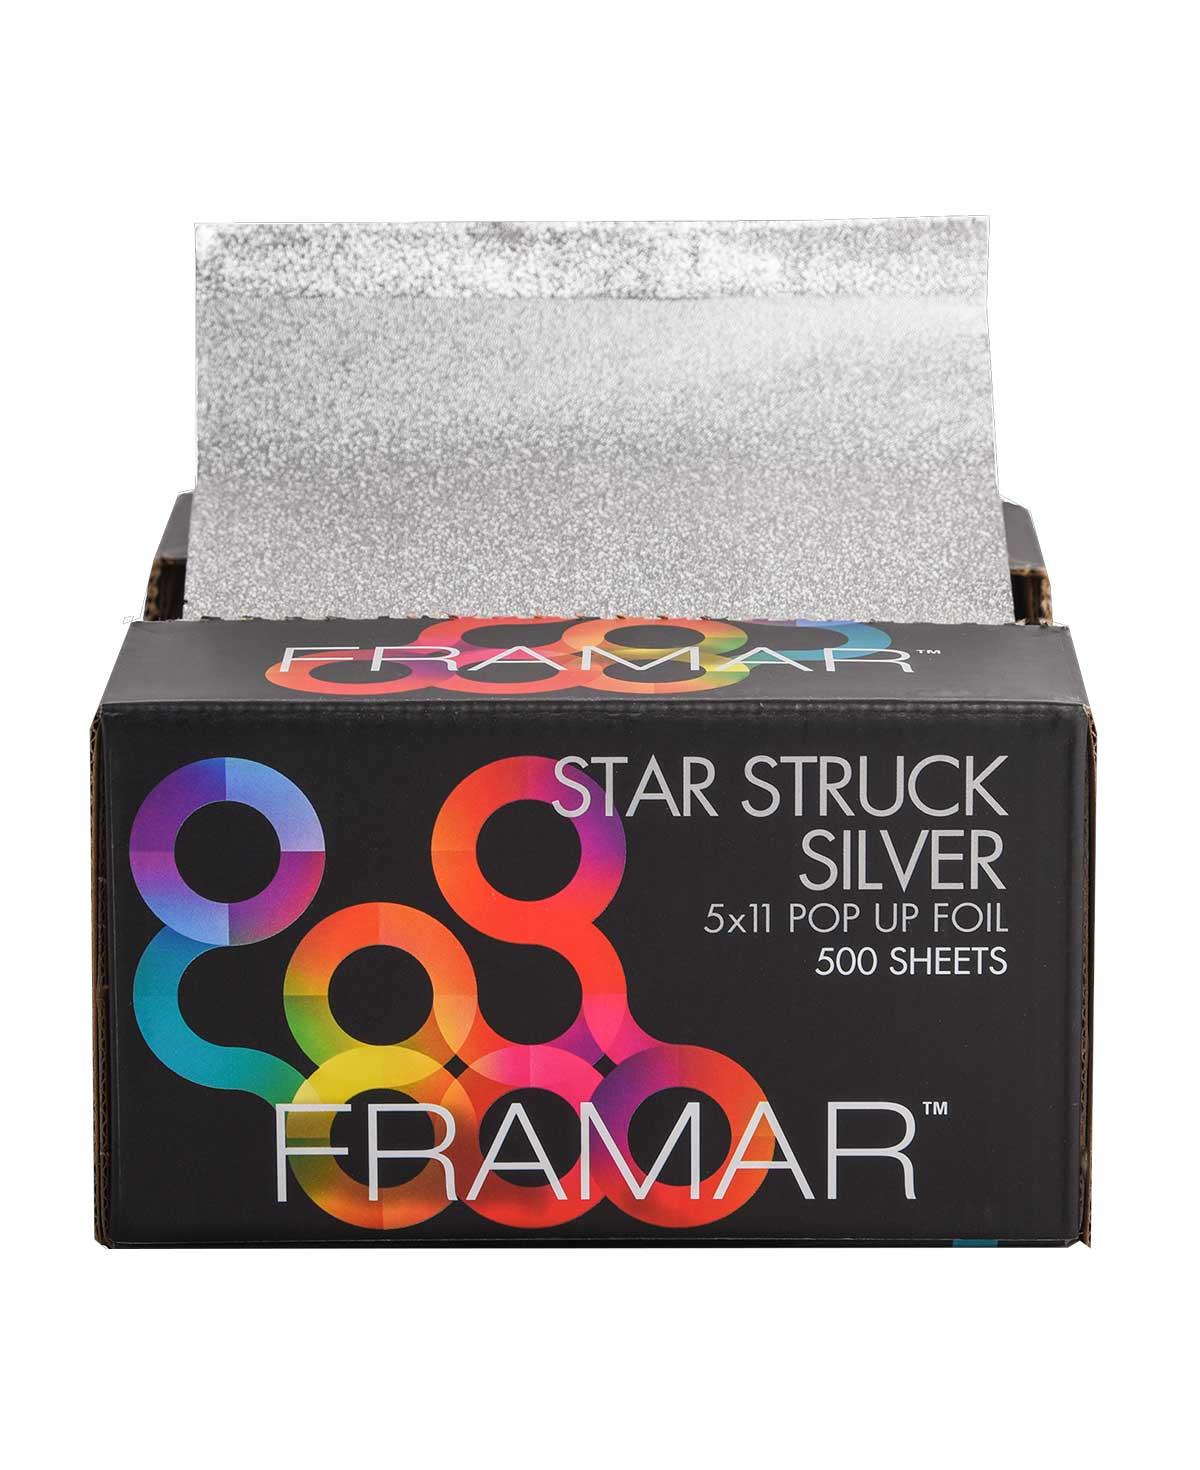 Framar Star Struck Silver 5x11 Pop Up Foil - 500 Sheets